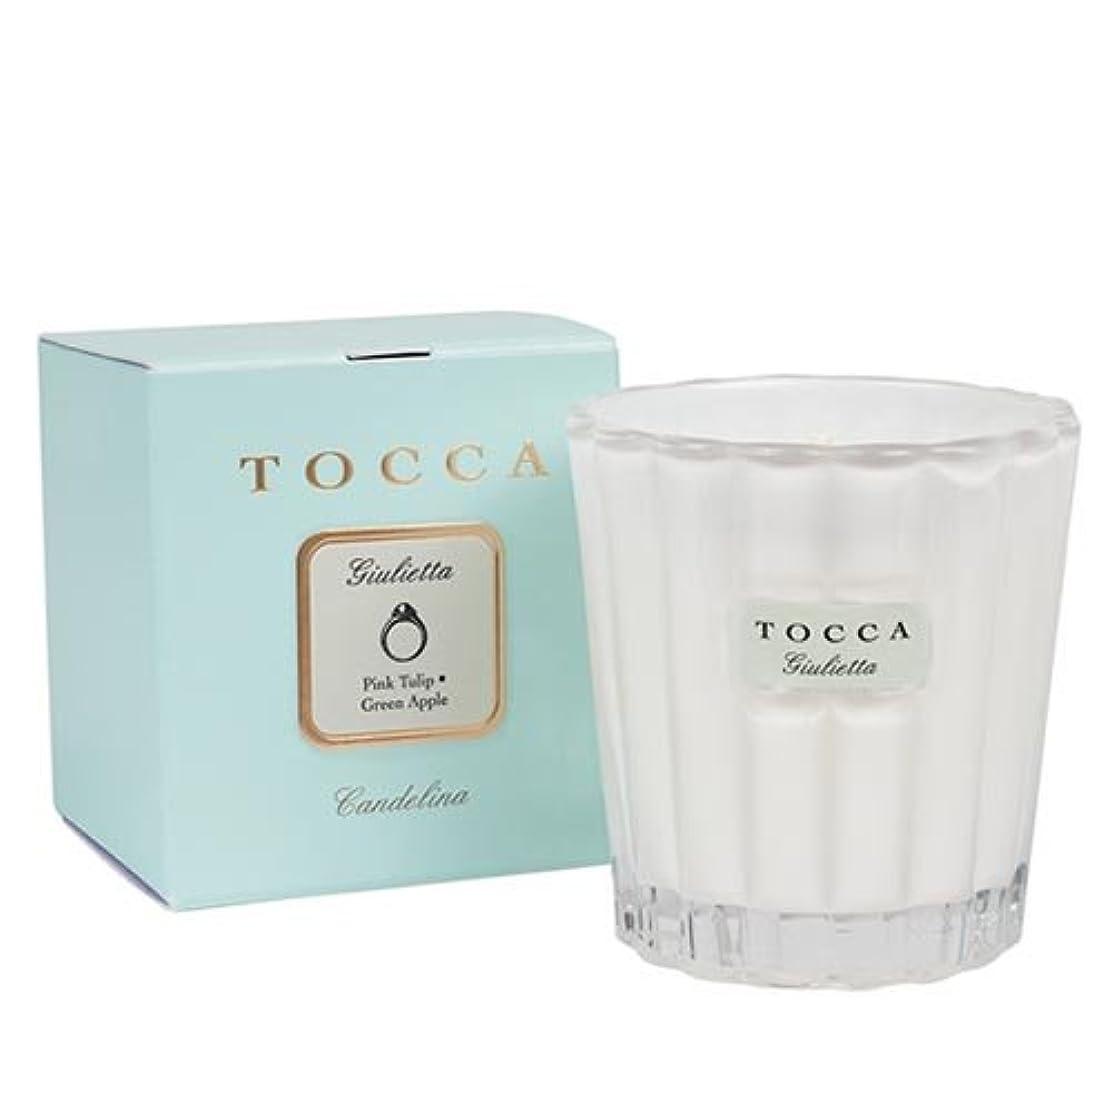 有名なアブストラクト寝室を掃除するCONCENT TOCCA (トッカ) キャンデリーナ (ジュリエッタの香り)